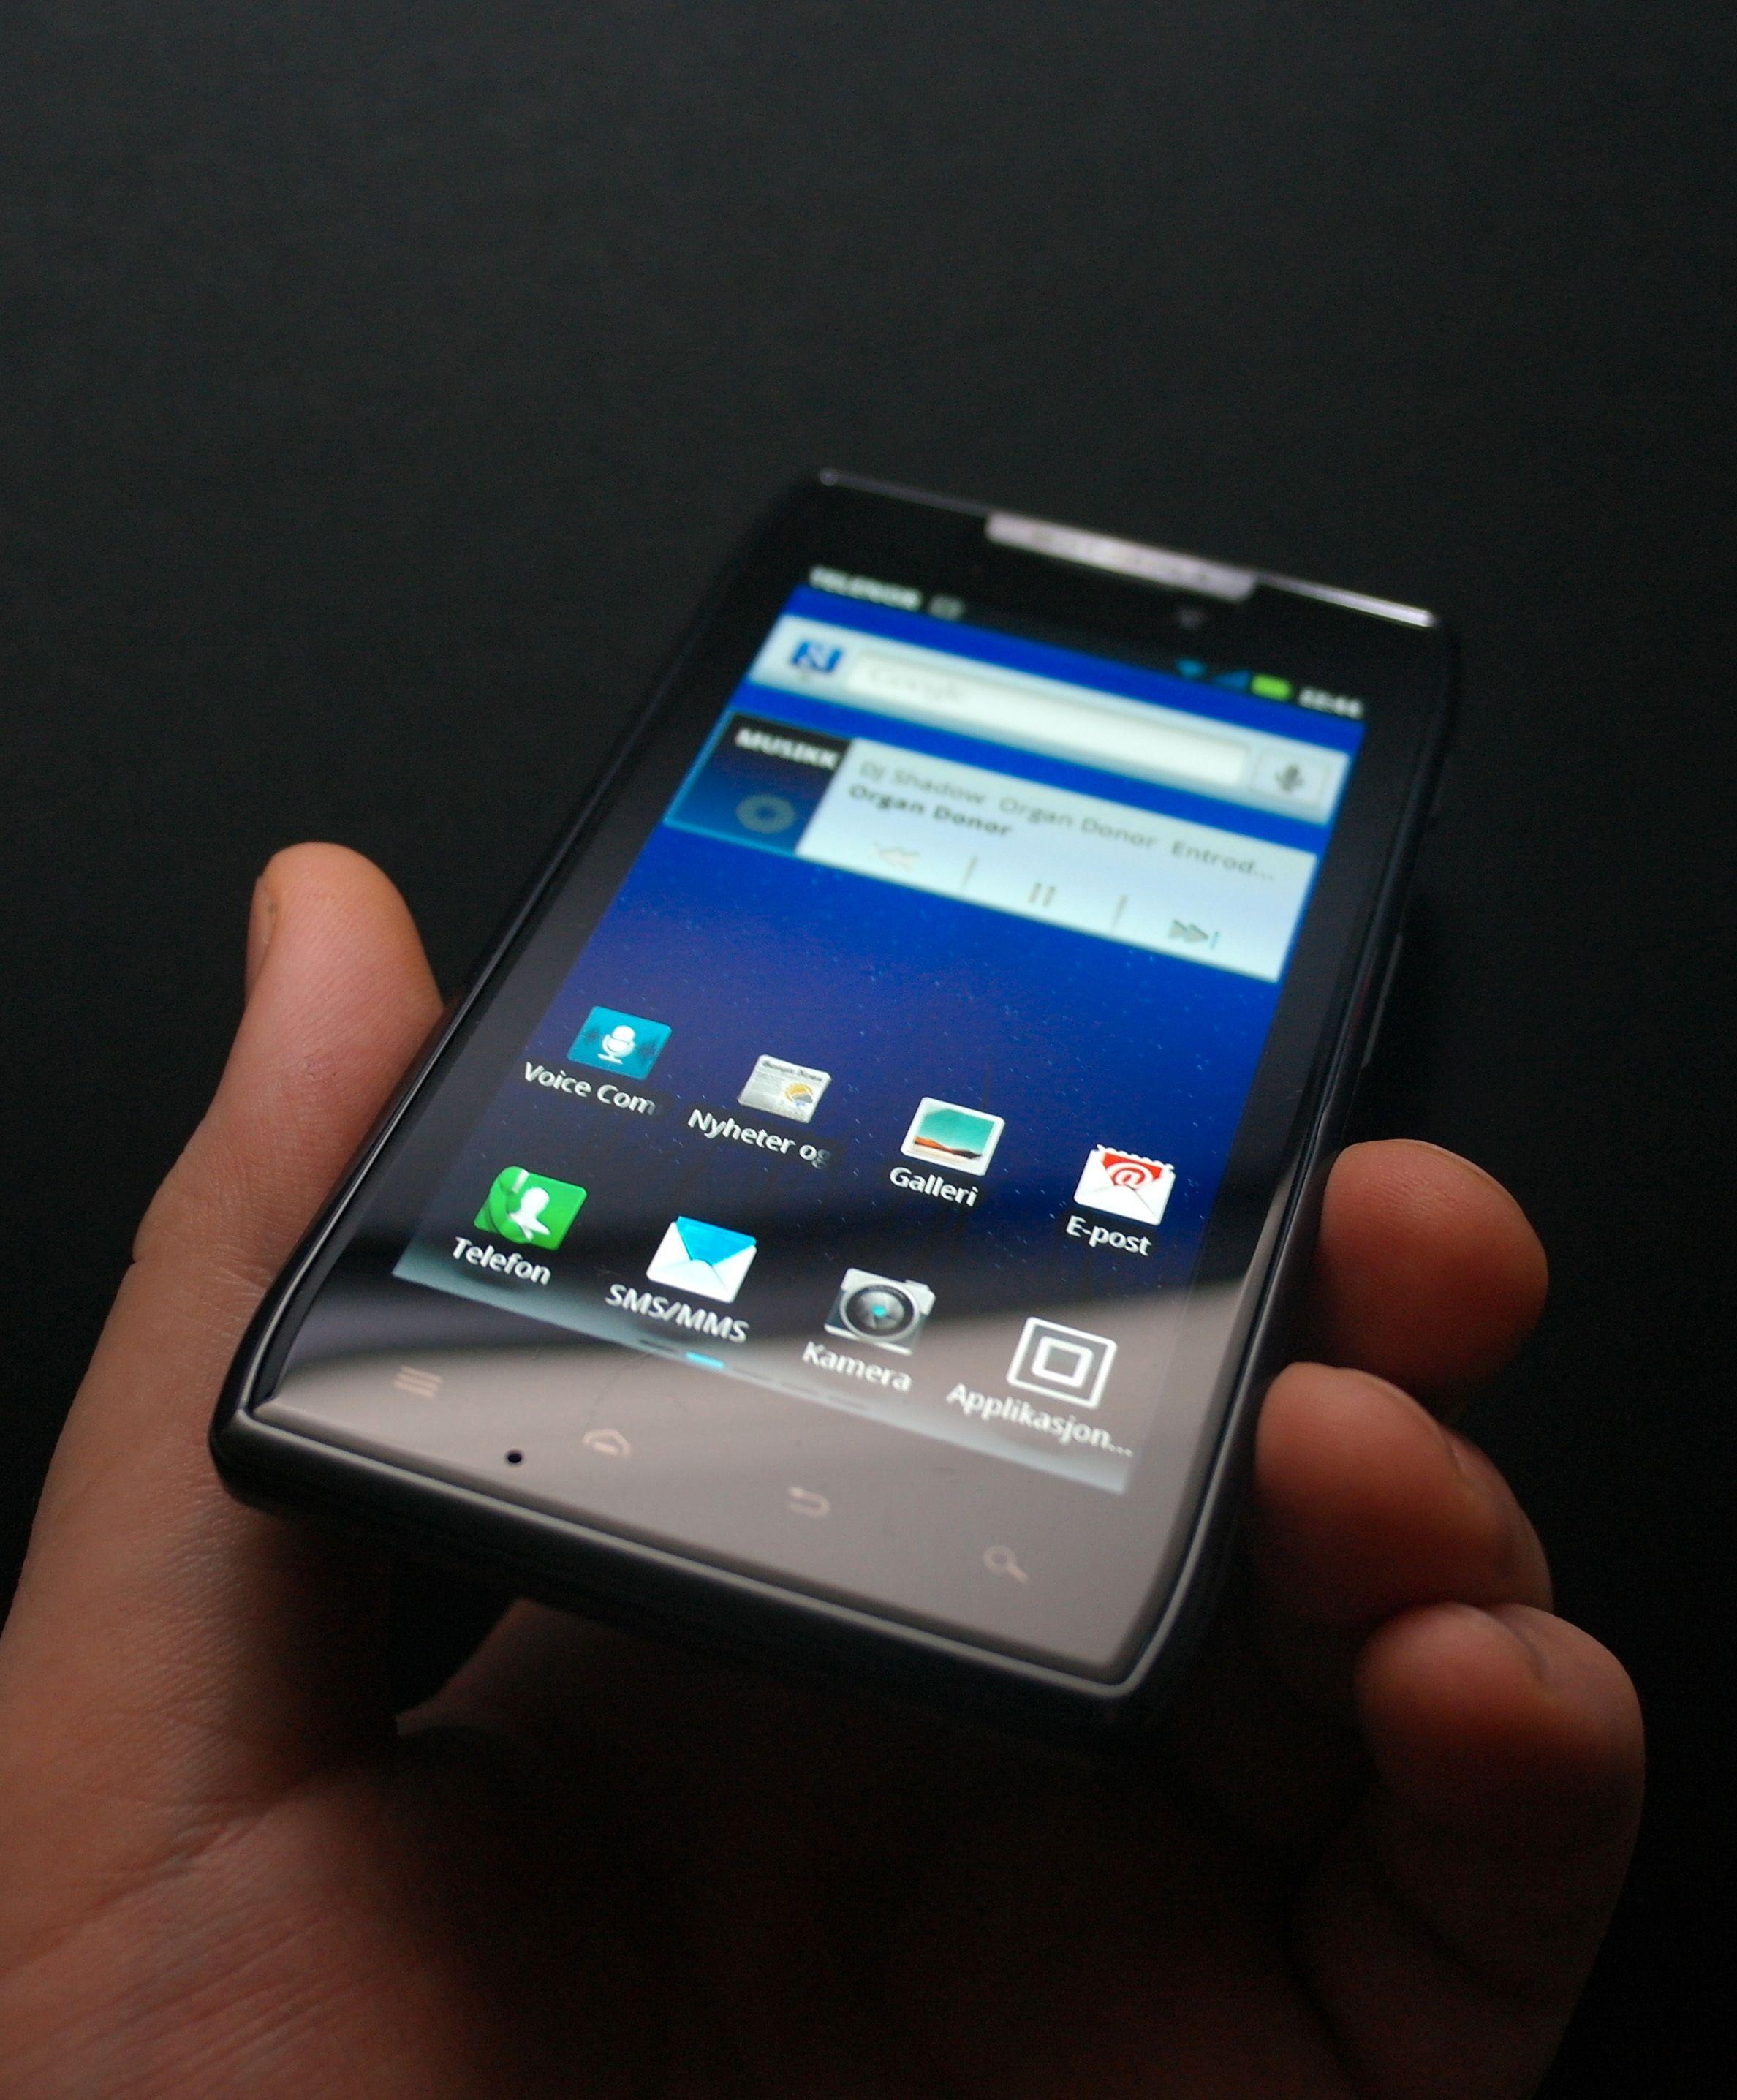 Motorola Razr skiller set ut blant andre Android-telefoner. Den ser annerledes ut, og den er vannavstøtende.